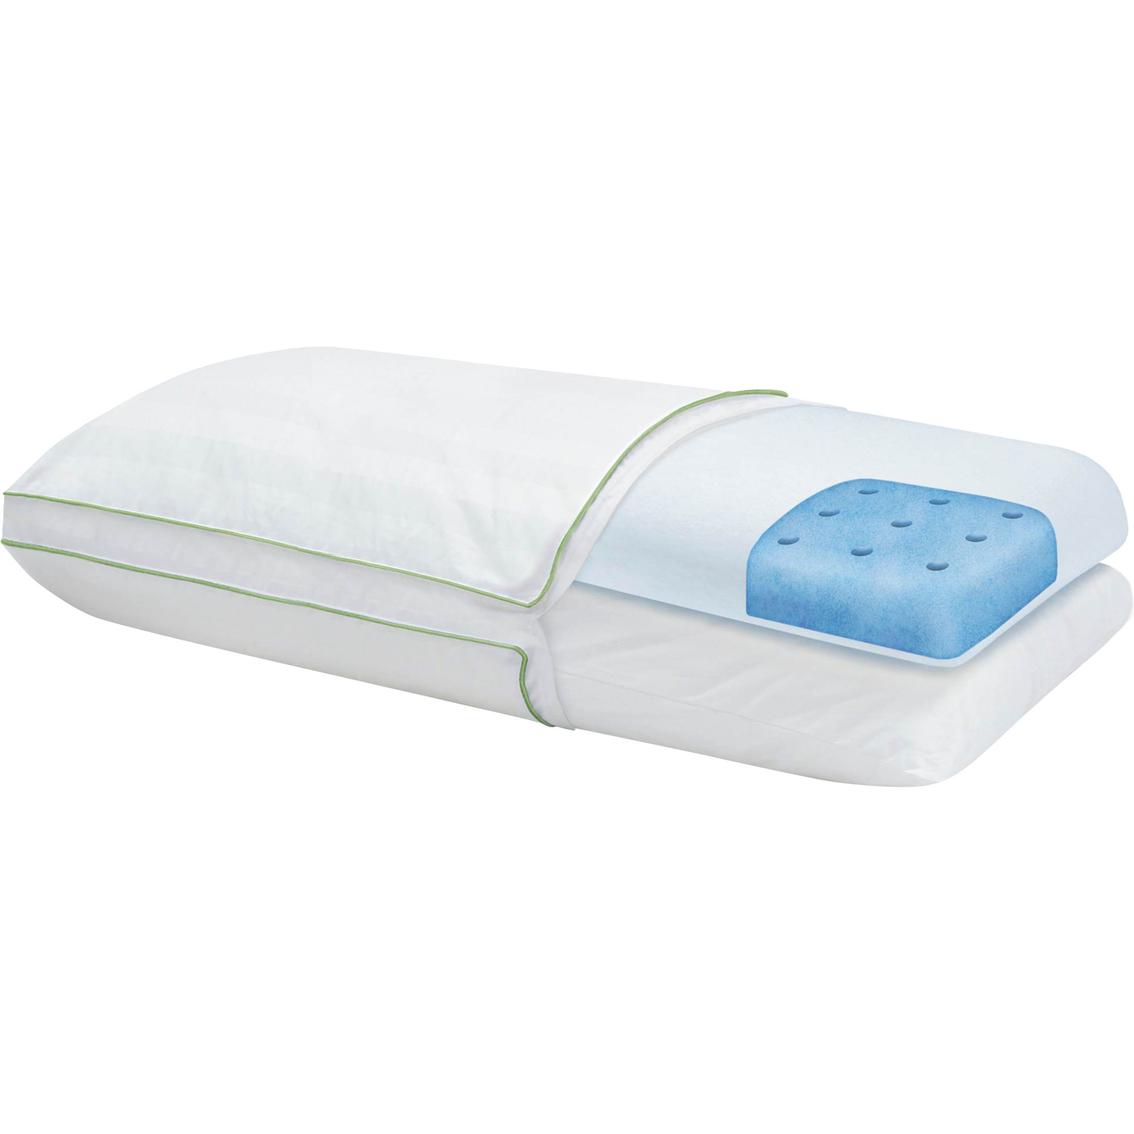 Sensorpedic Dual Comfort Supreme Gusseted Bed Pillow Bed